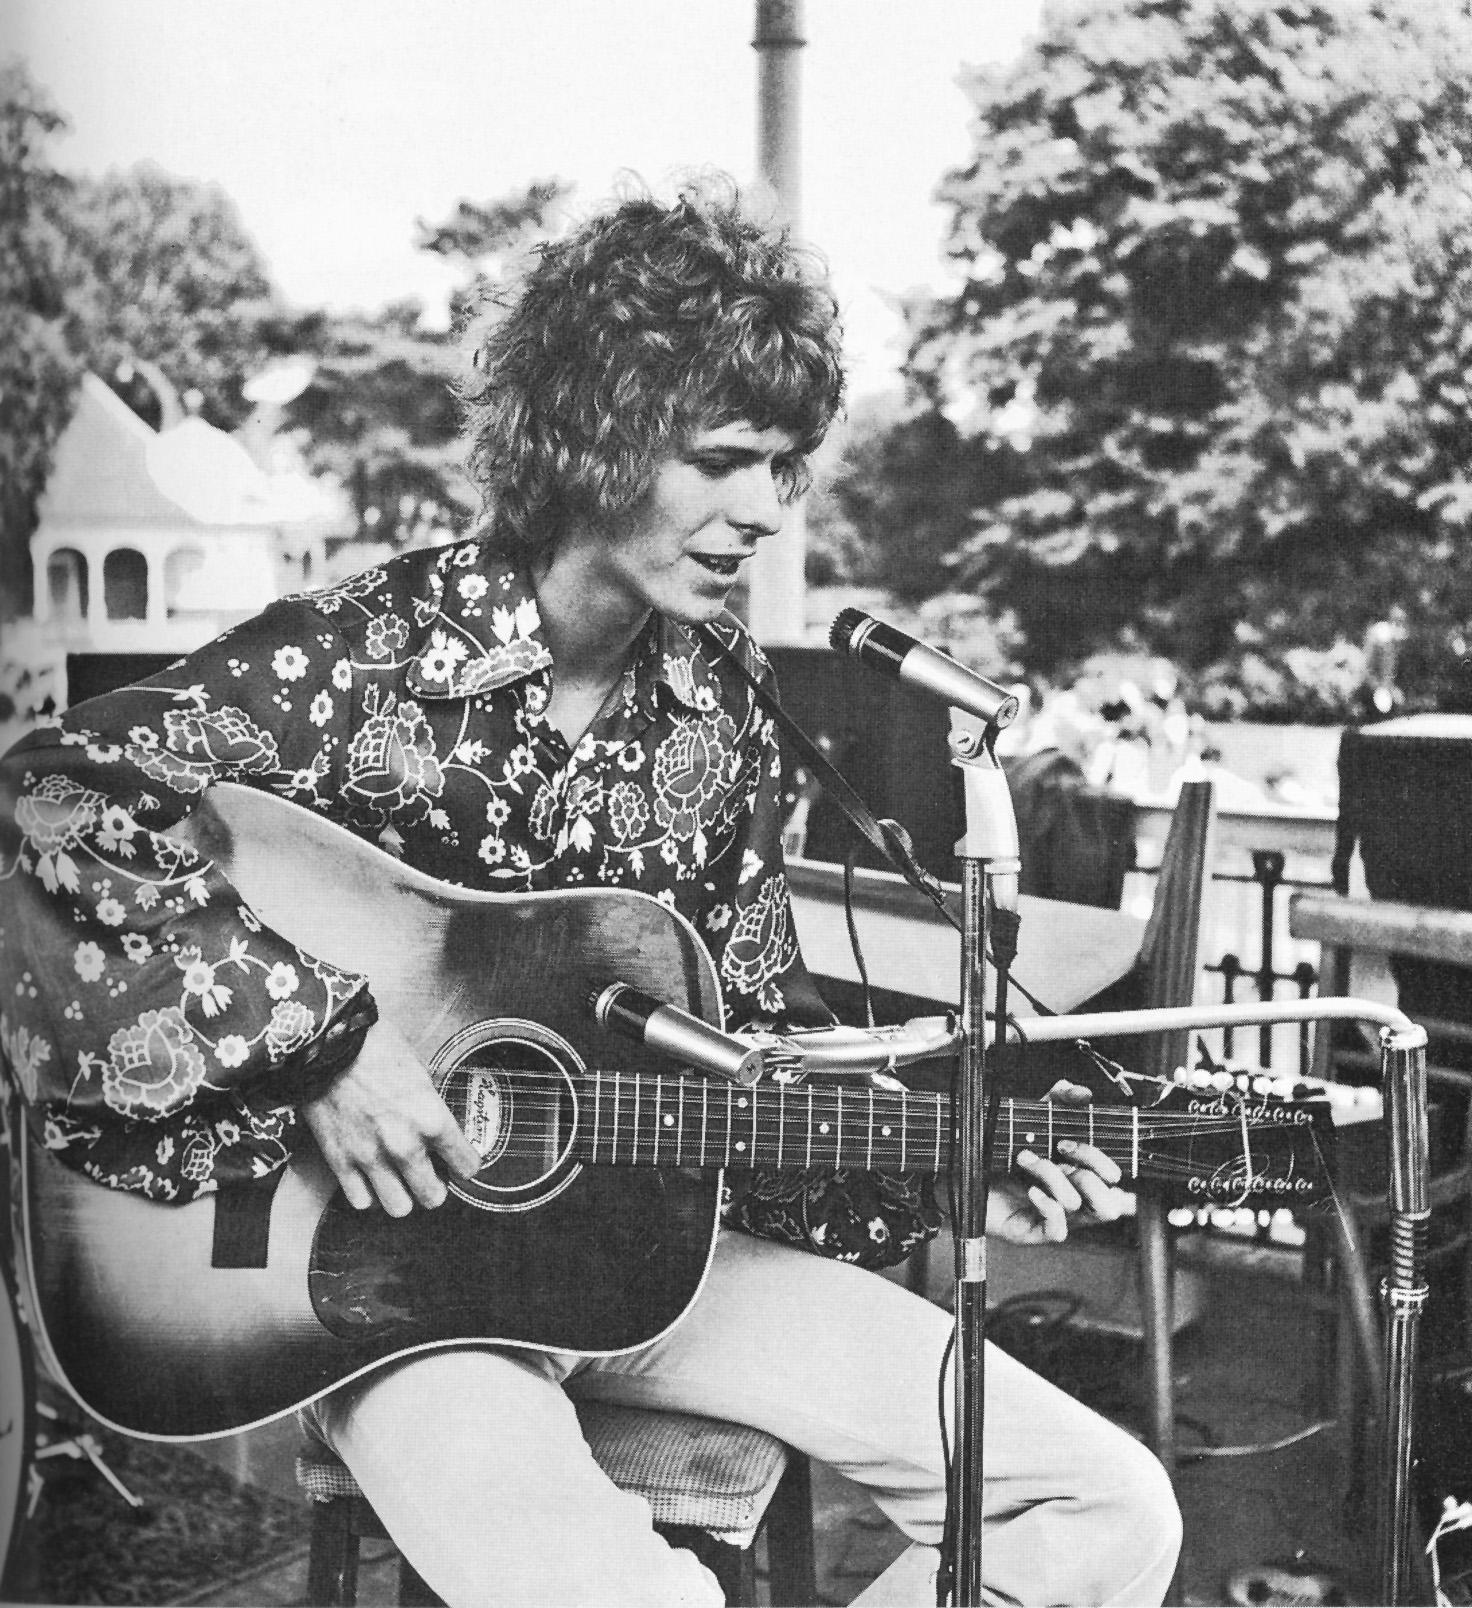 Primera actuación de David Bowie, 16 de agosto de 1969